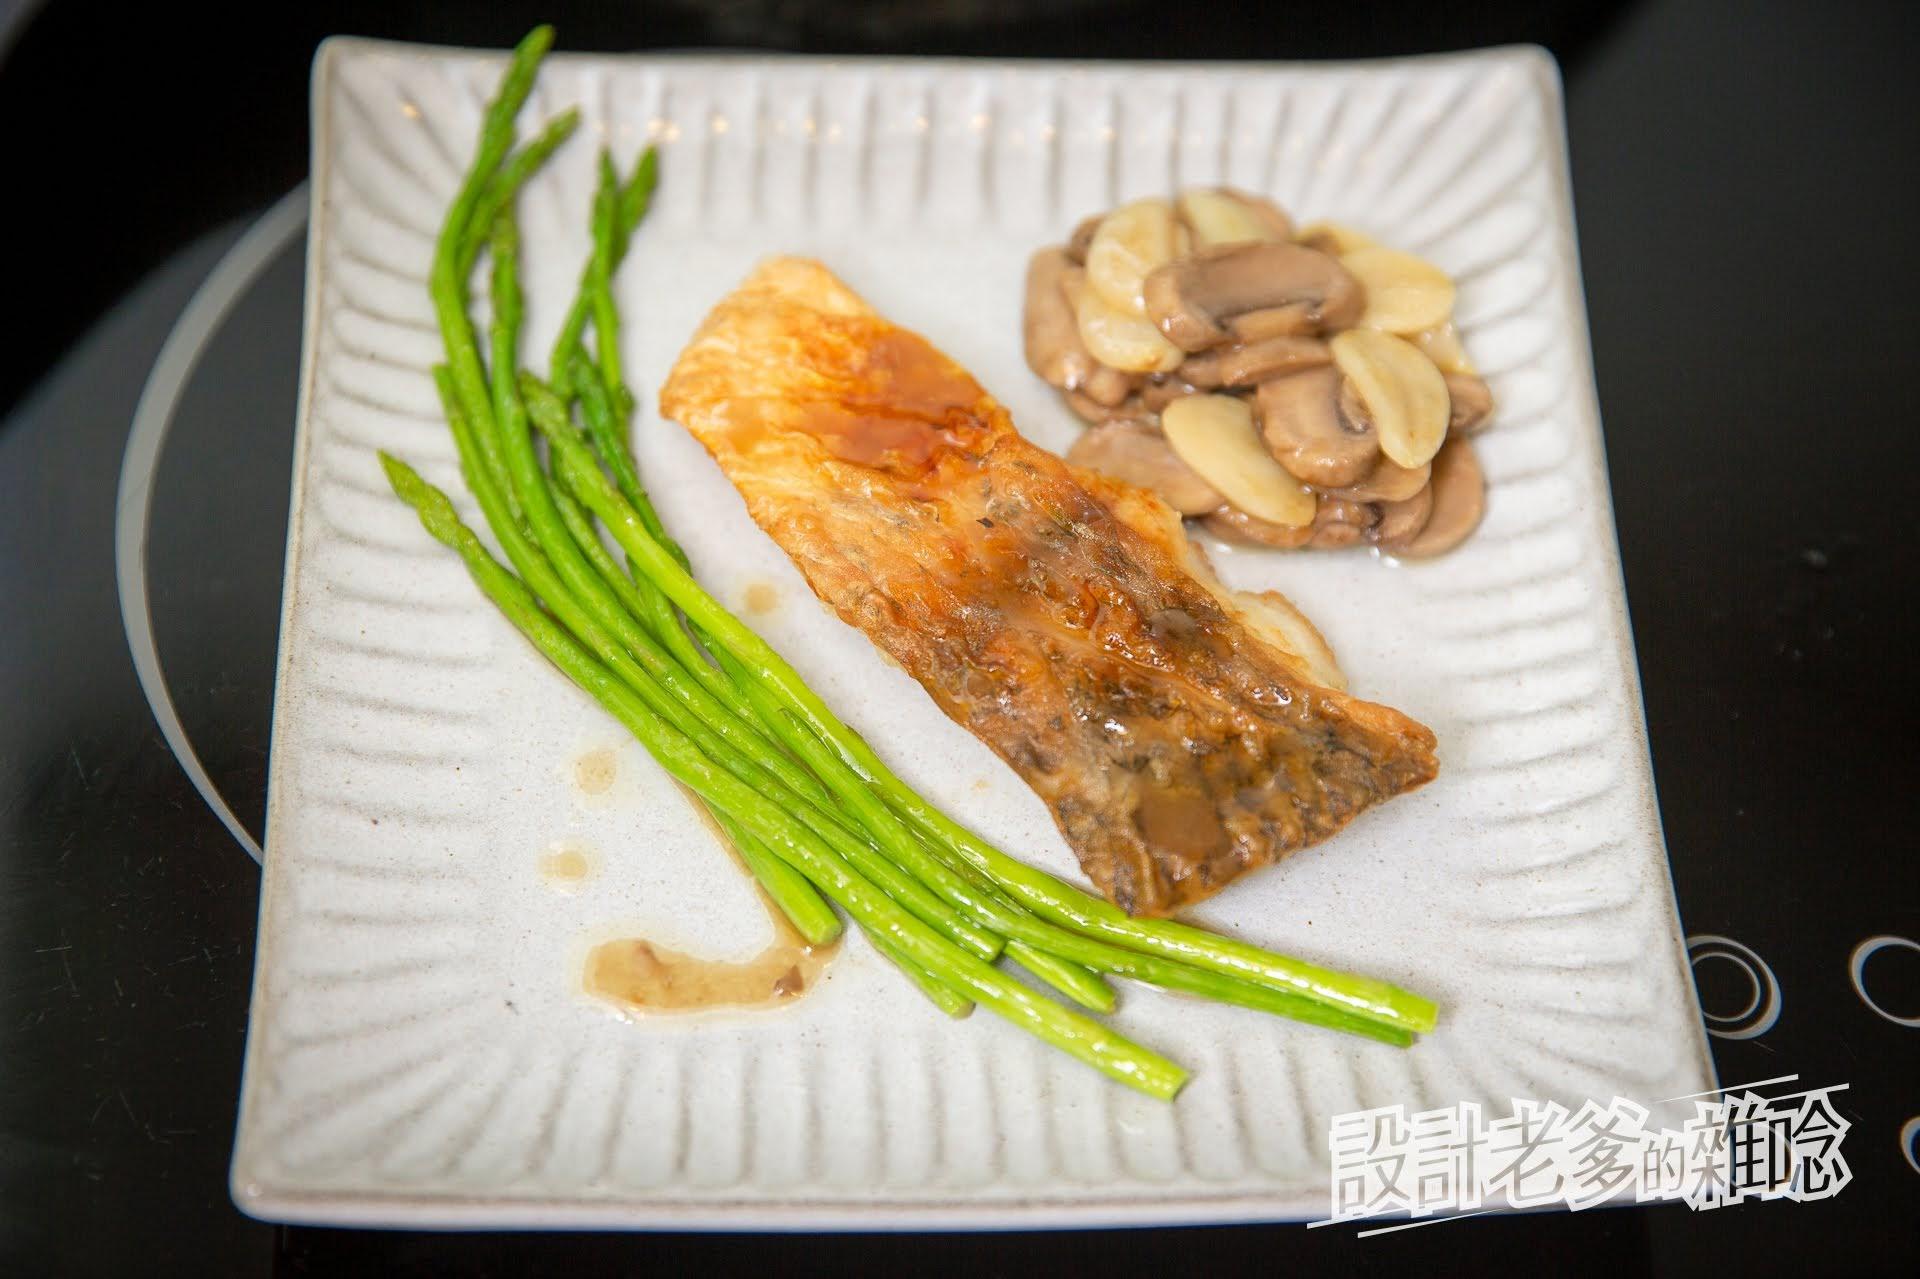 好廚家鱸魚精、無刺金目鱸魚...入選銀髮友善食品獎,傳承三代,用心養殖,自用、送禮都合宜,吃到歪嘴雞打起來的好魚!